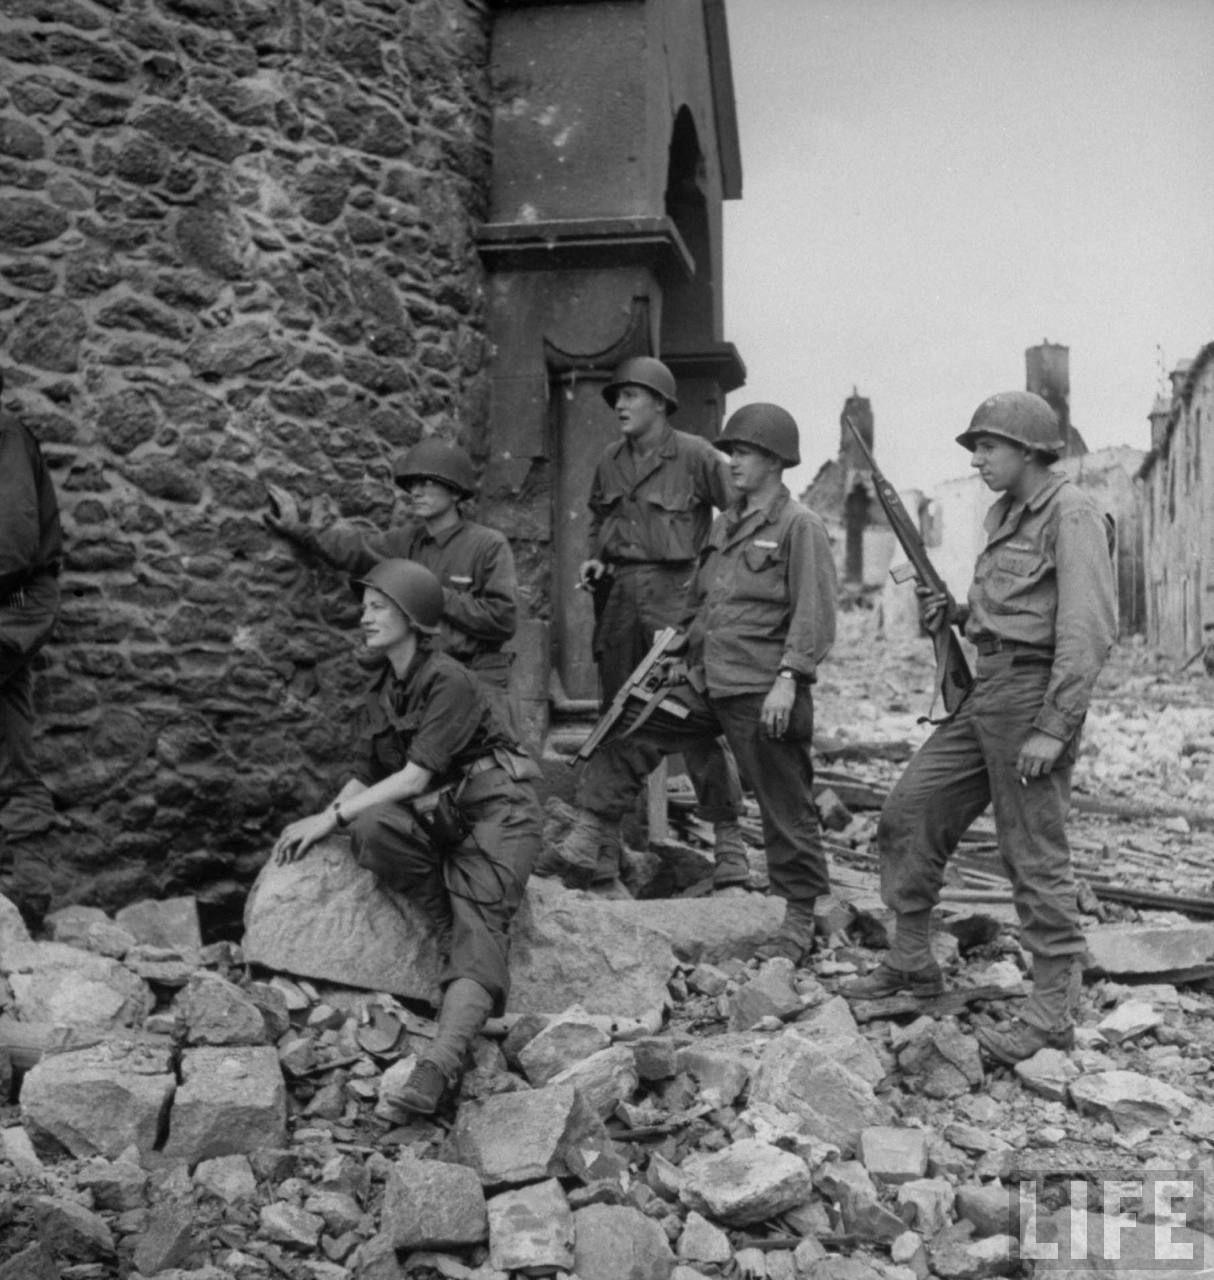 Η φωτογράφος Lee Miller κάθεται ανάμεσα σε Αμερικάνους στρατιώτες, στη Γαλλία, το 1944. Αγνόησε όλα τα πρωτόκολλα ασφαλείας και έγινε η πρώτη γυναίκα φωτογράφος στο ελεύθερο Παρίσι του Δευτέρου Παγκοσμίου Πολέμου.  Φωτογράφος: David E Scherman